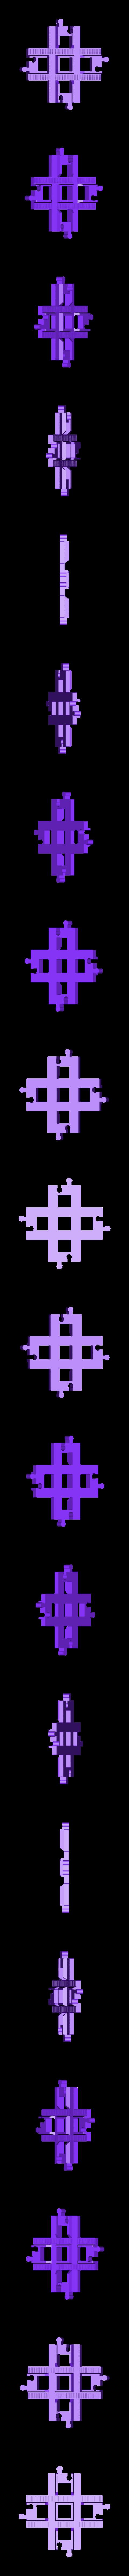 lego_tor_skrzyzowanie_90.stl Télécharger fichier STL gratuit Chemin de fer LEGO Duplo : passage à niveau (90°) • Plan imprimable en 3D, kpawel